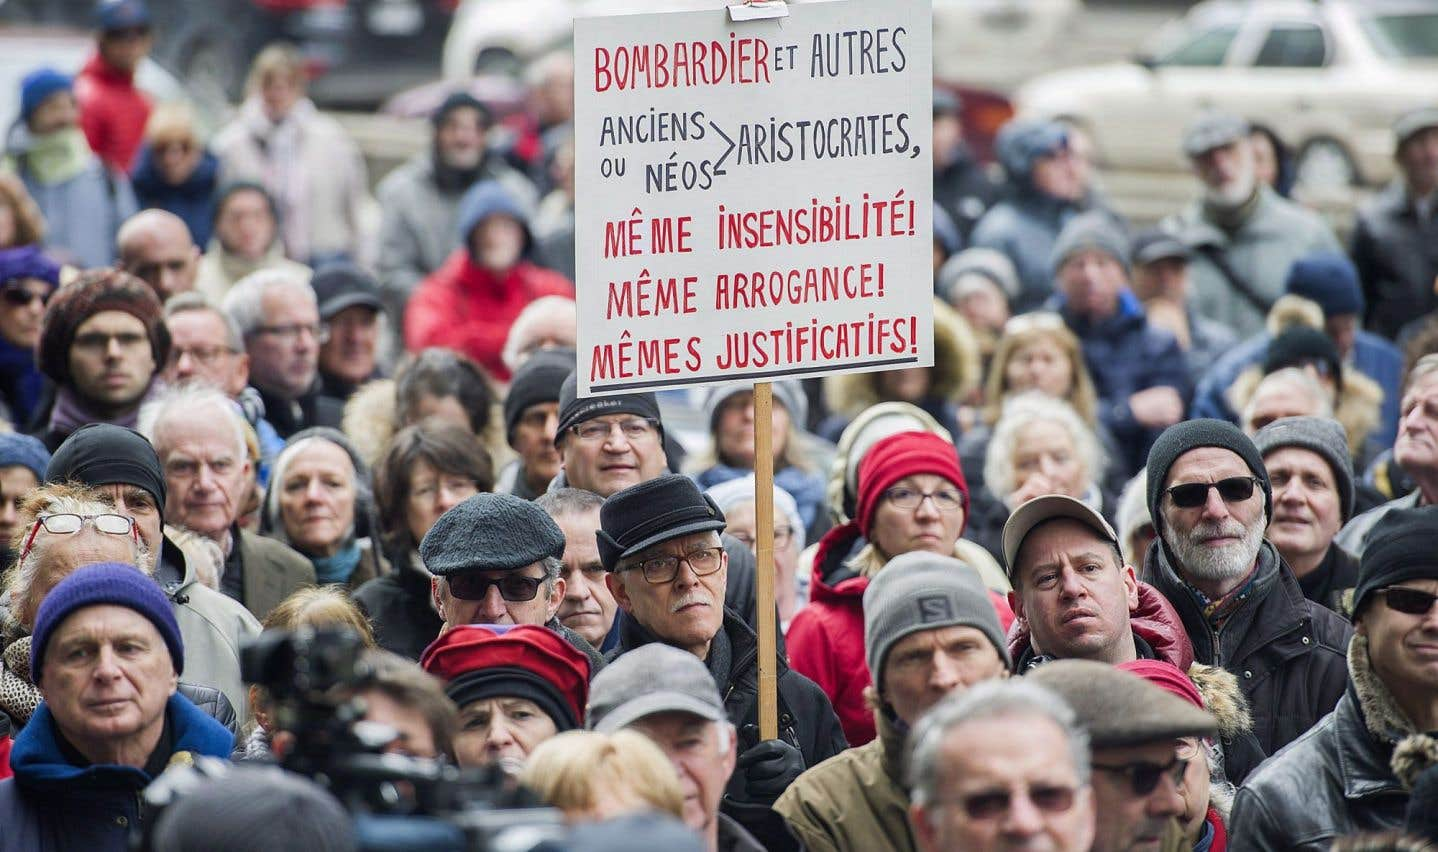 Les salaires des patrons de Bombardier feront de nouveau réagir